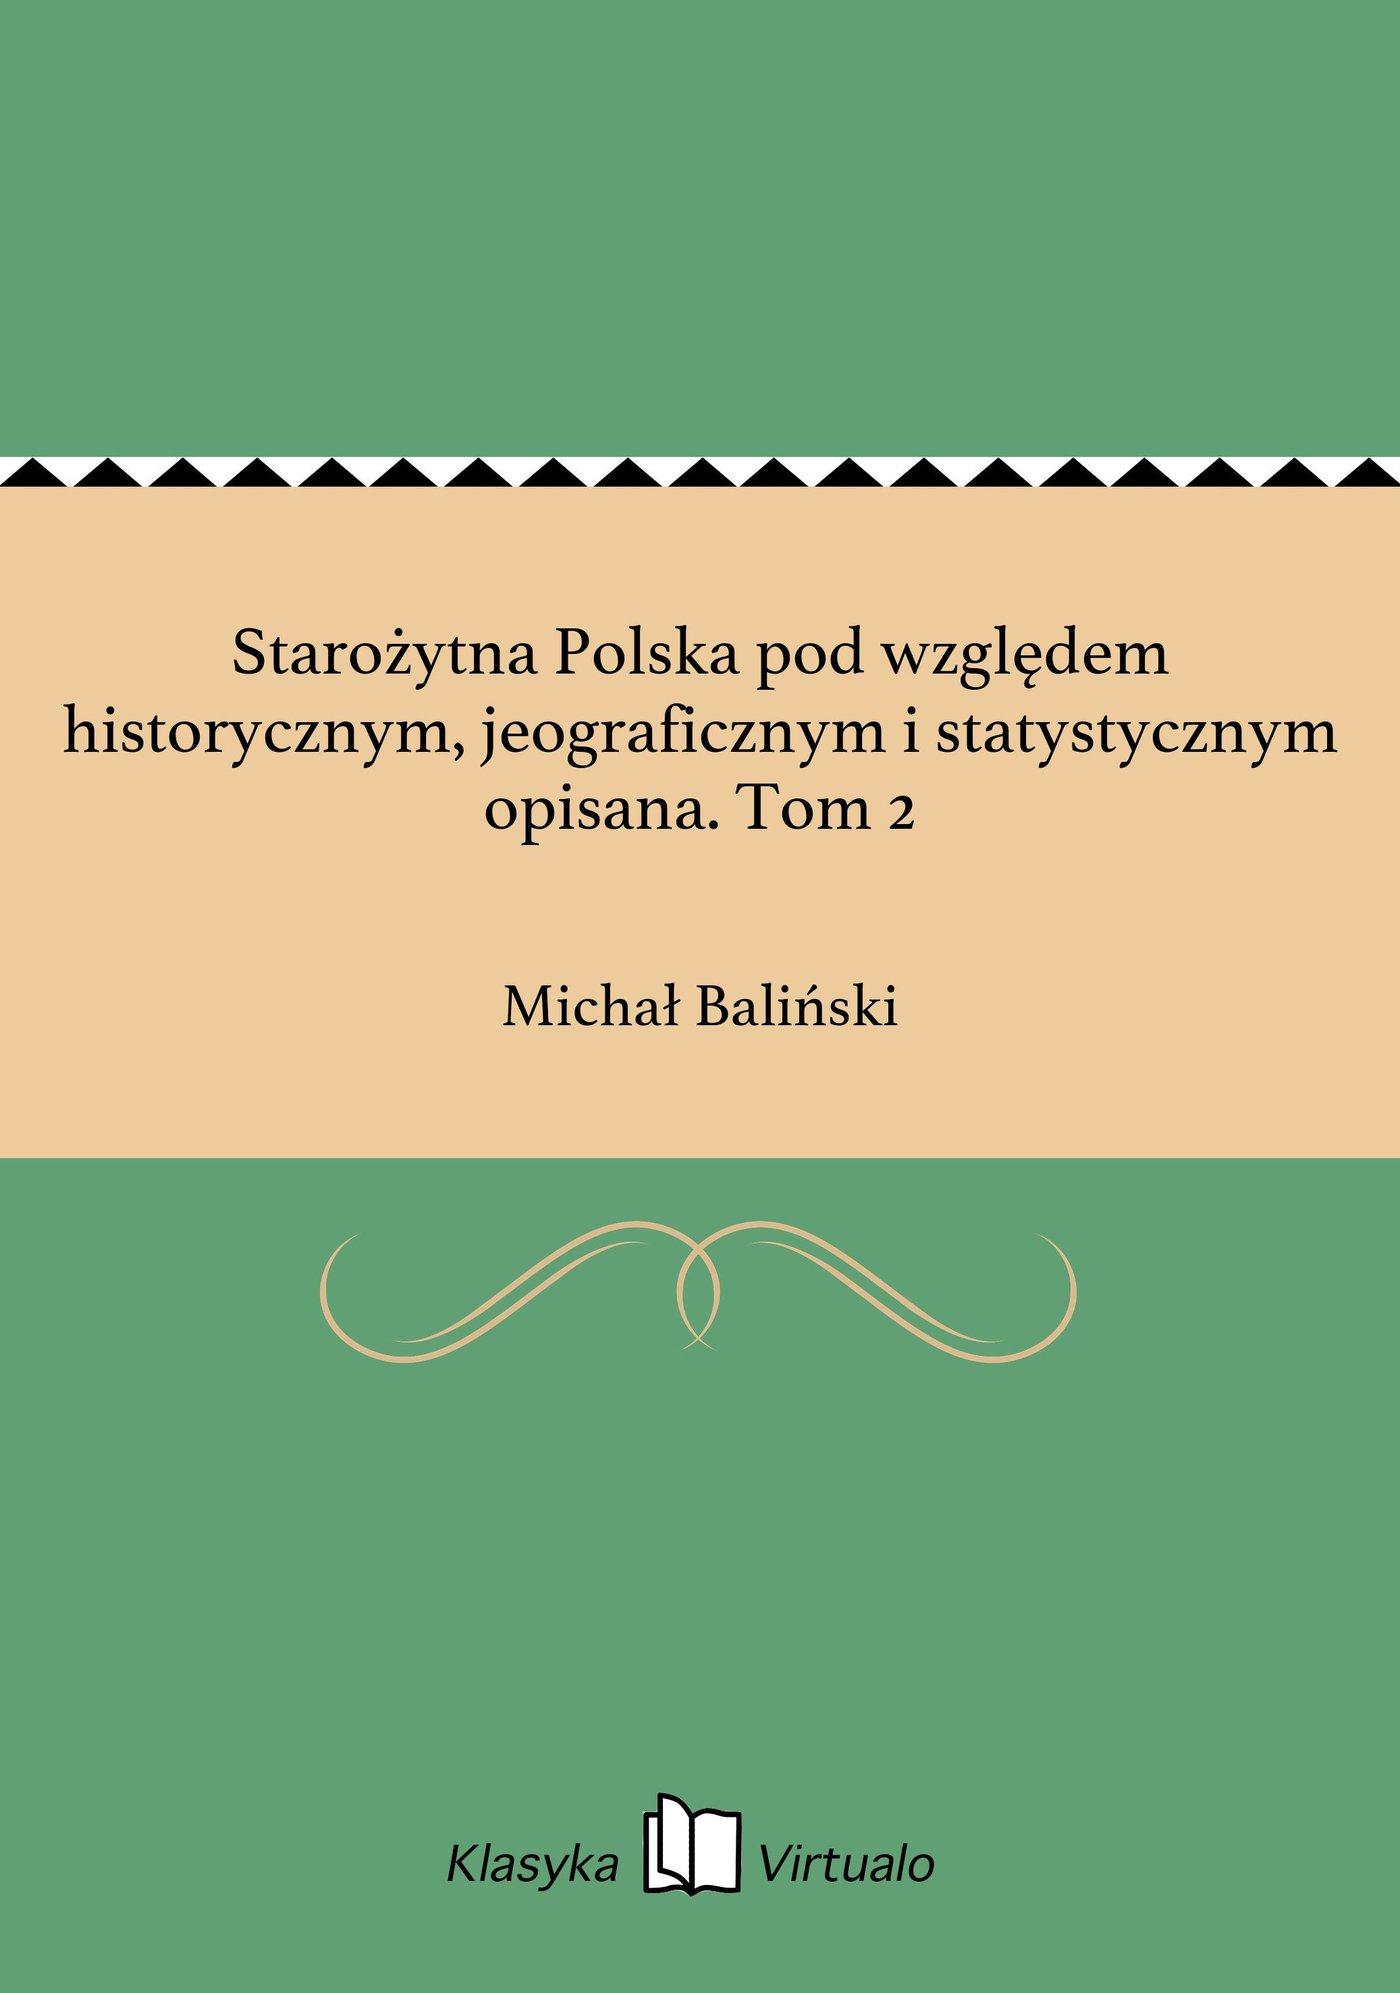 Starożytna Polska pod względem historycznym, jeograficznym i statystycznym opisana. Tom 2 - Ebook (Książka EPUB) do pobrania w formacie EPUB